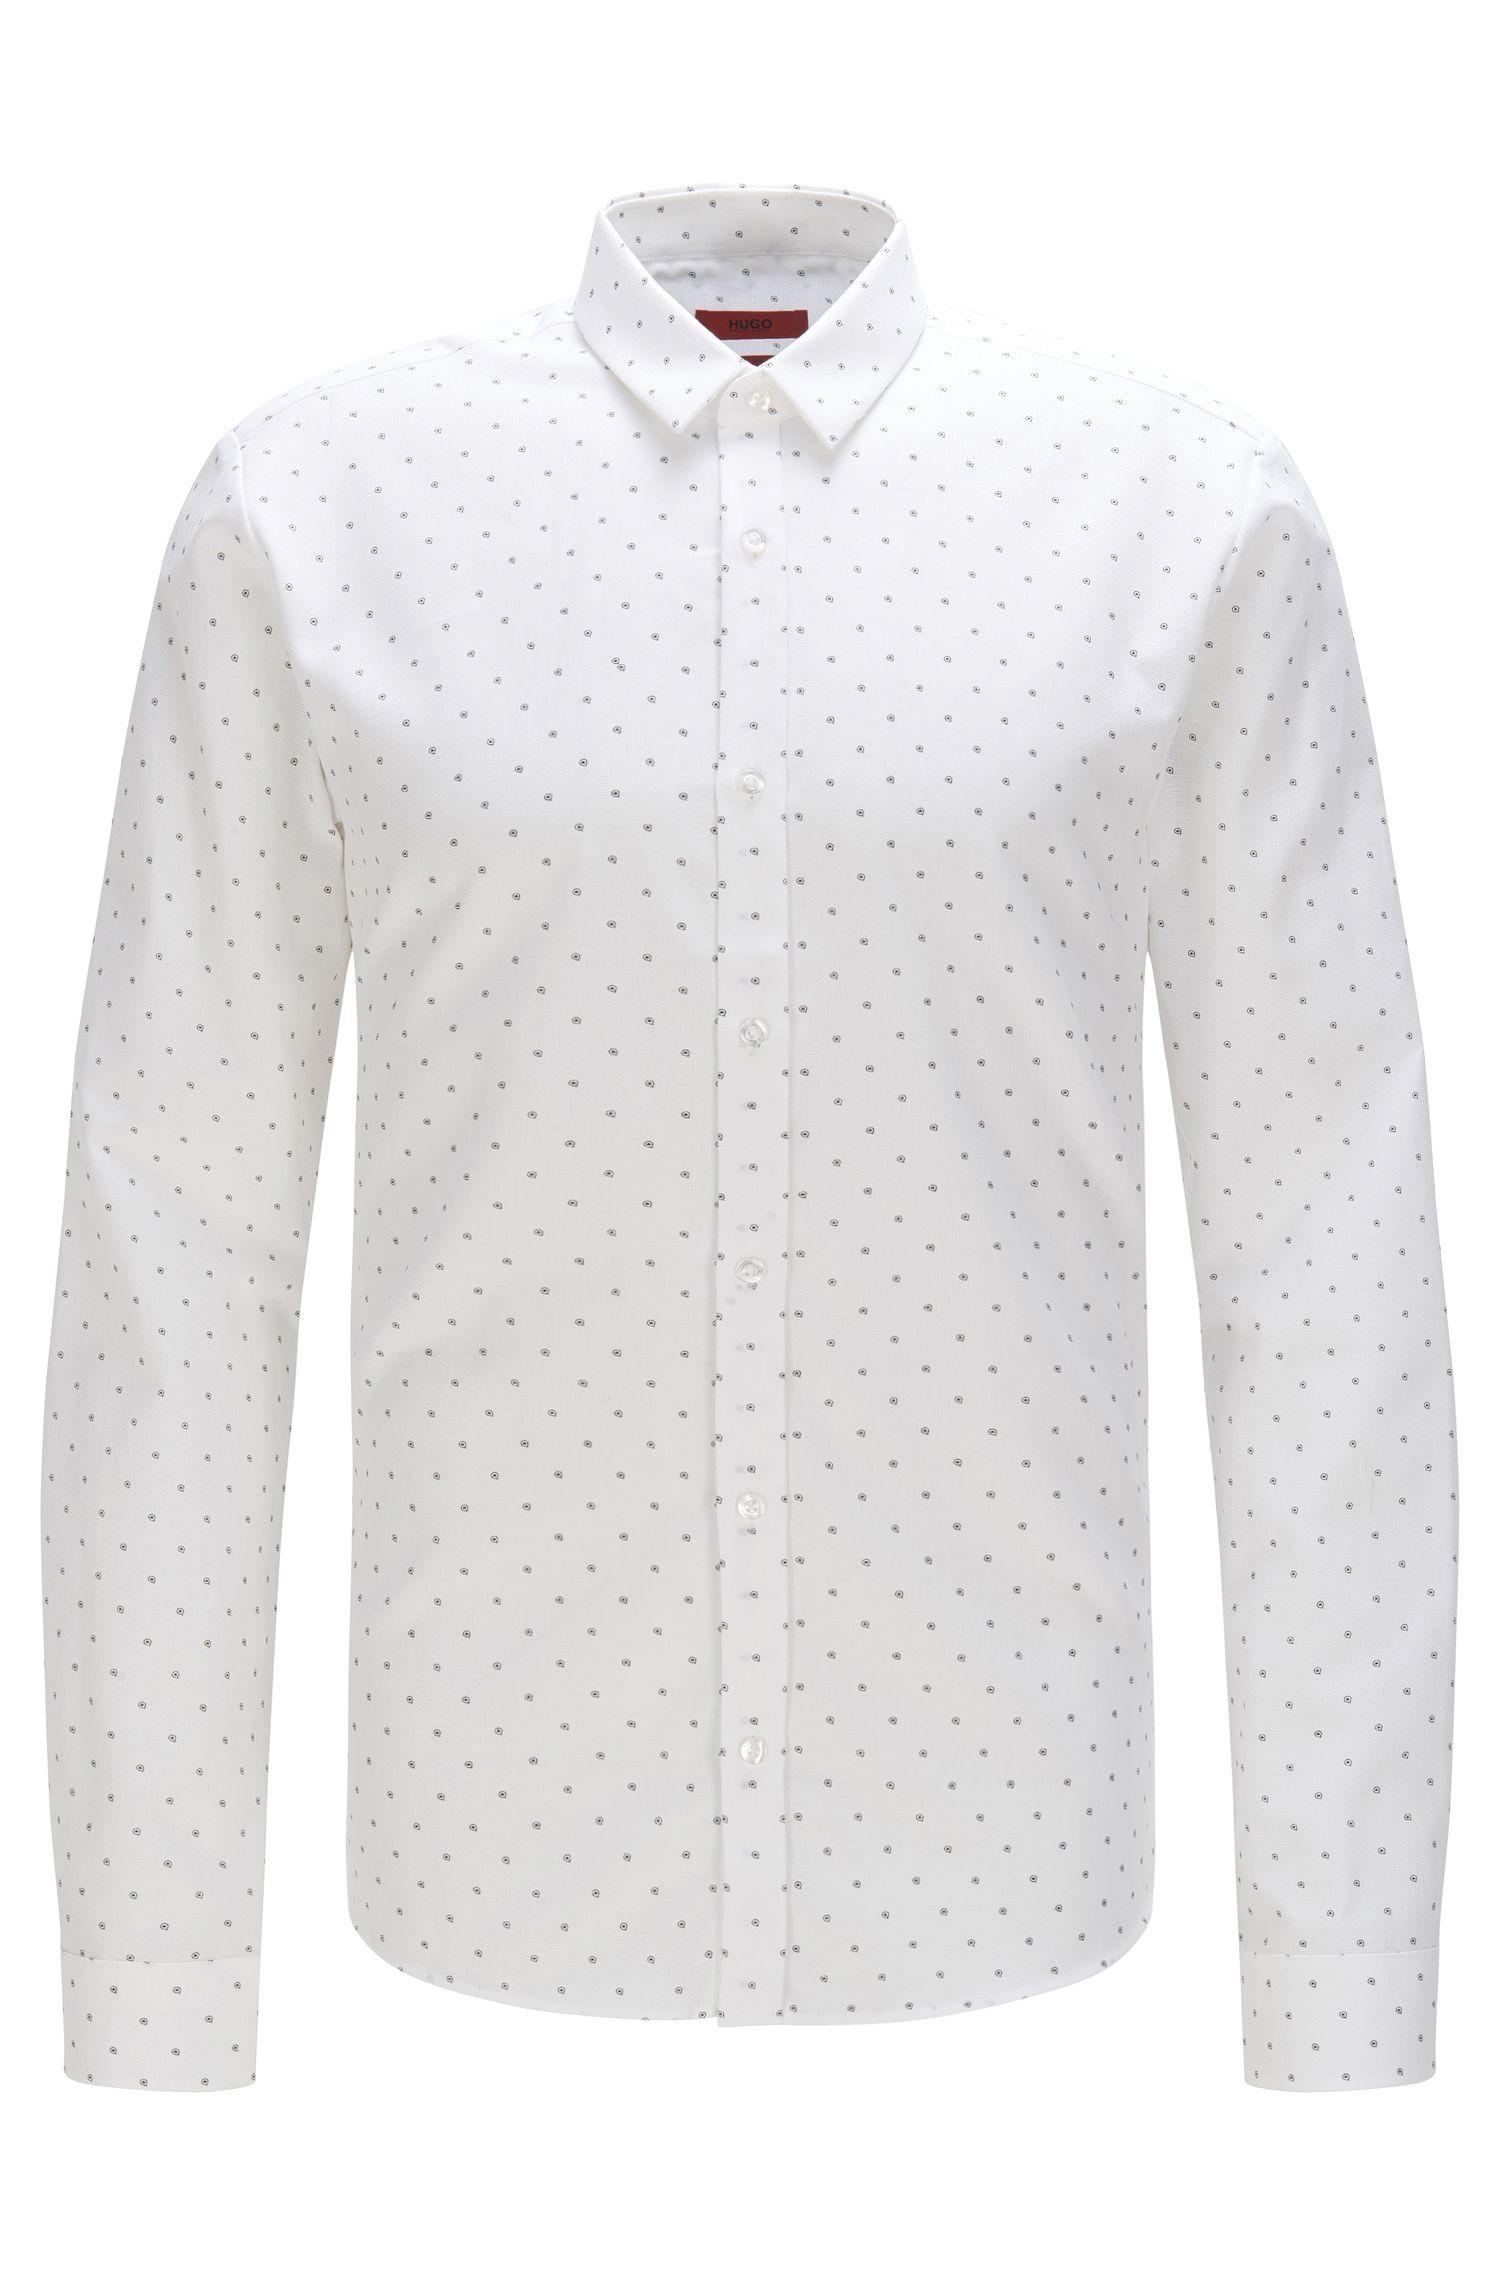 Extra Slim-Fit Hemd aus Baumwolle mit Allover-Print: 'Ero3'